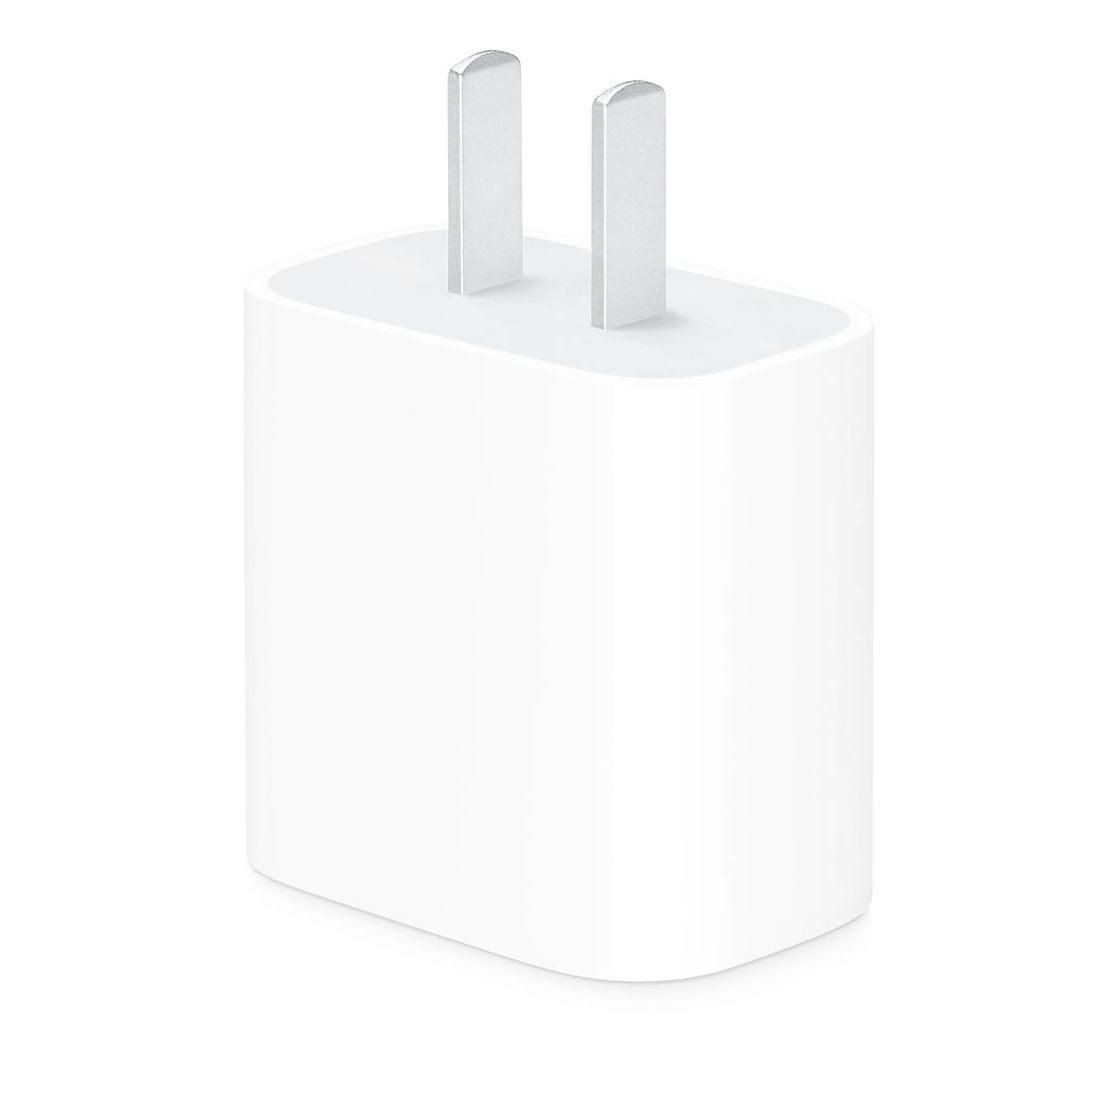 苹果开始为iPad Pro配备全新20W USB-C充电器